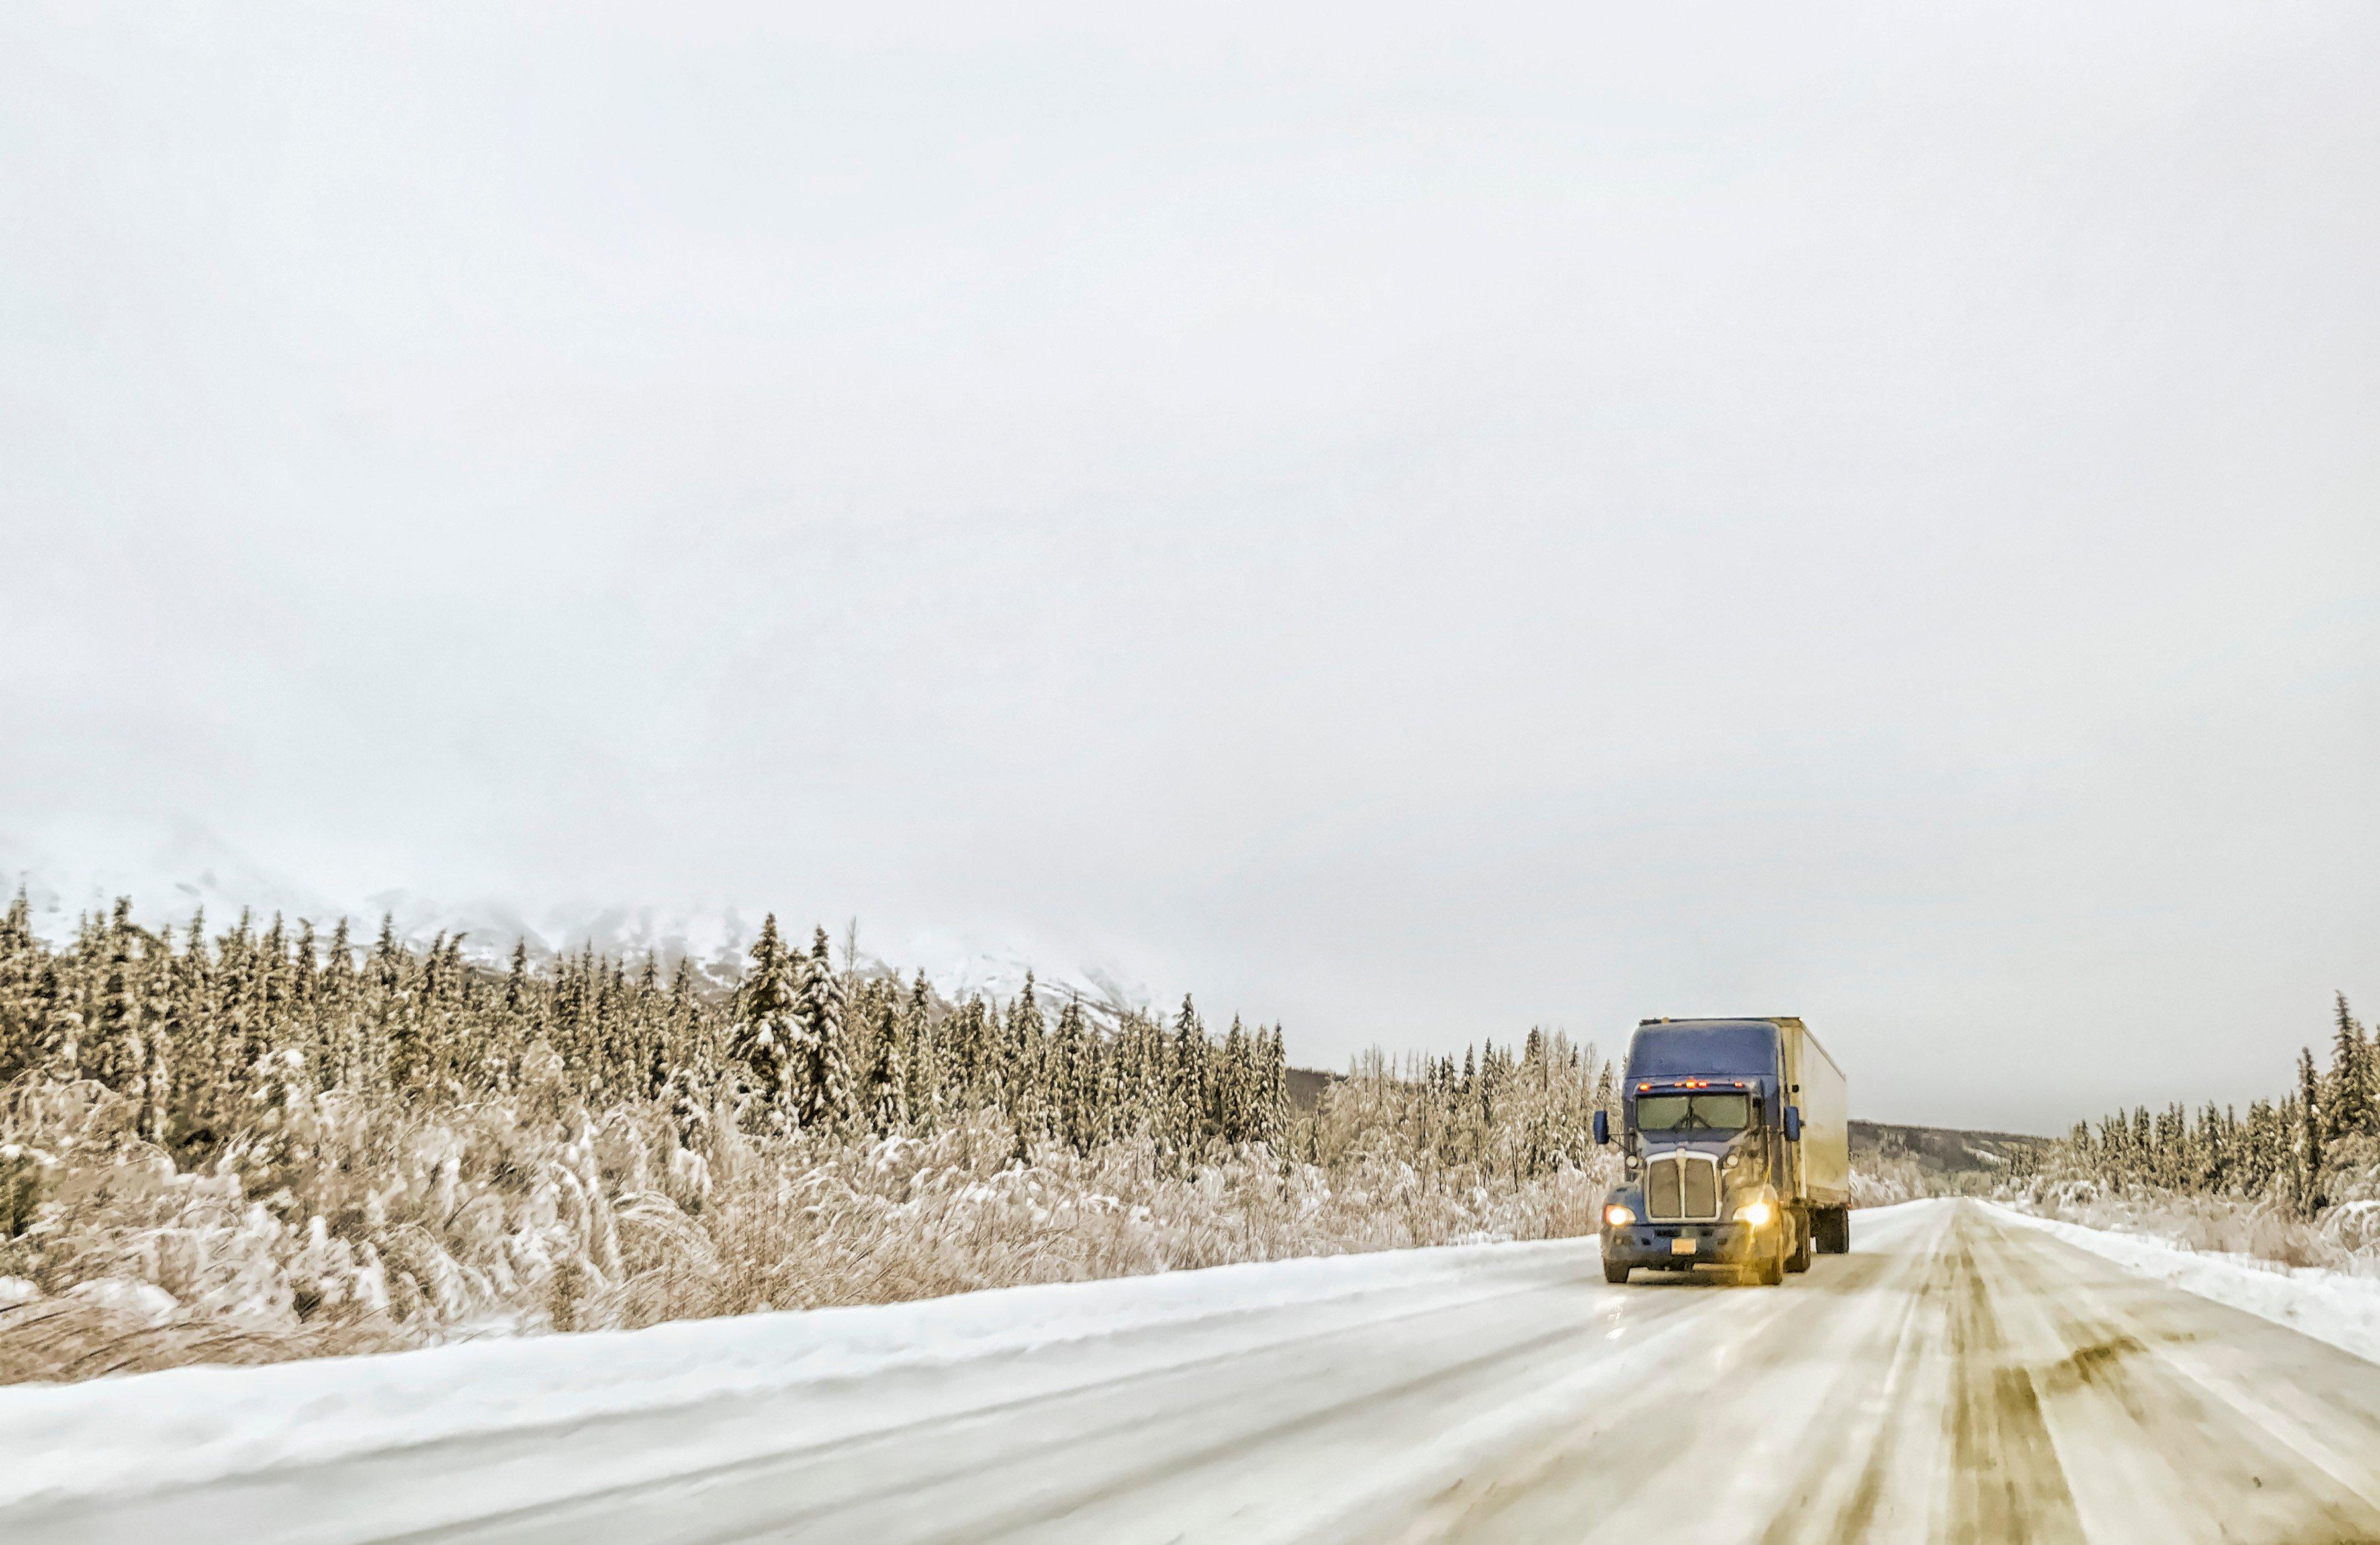 Semi Highway Winter Storm